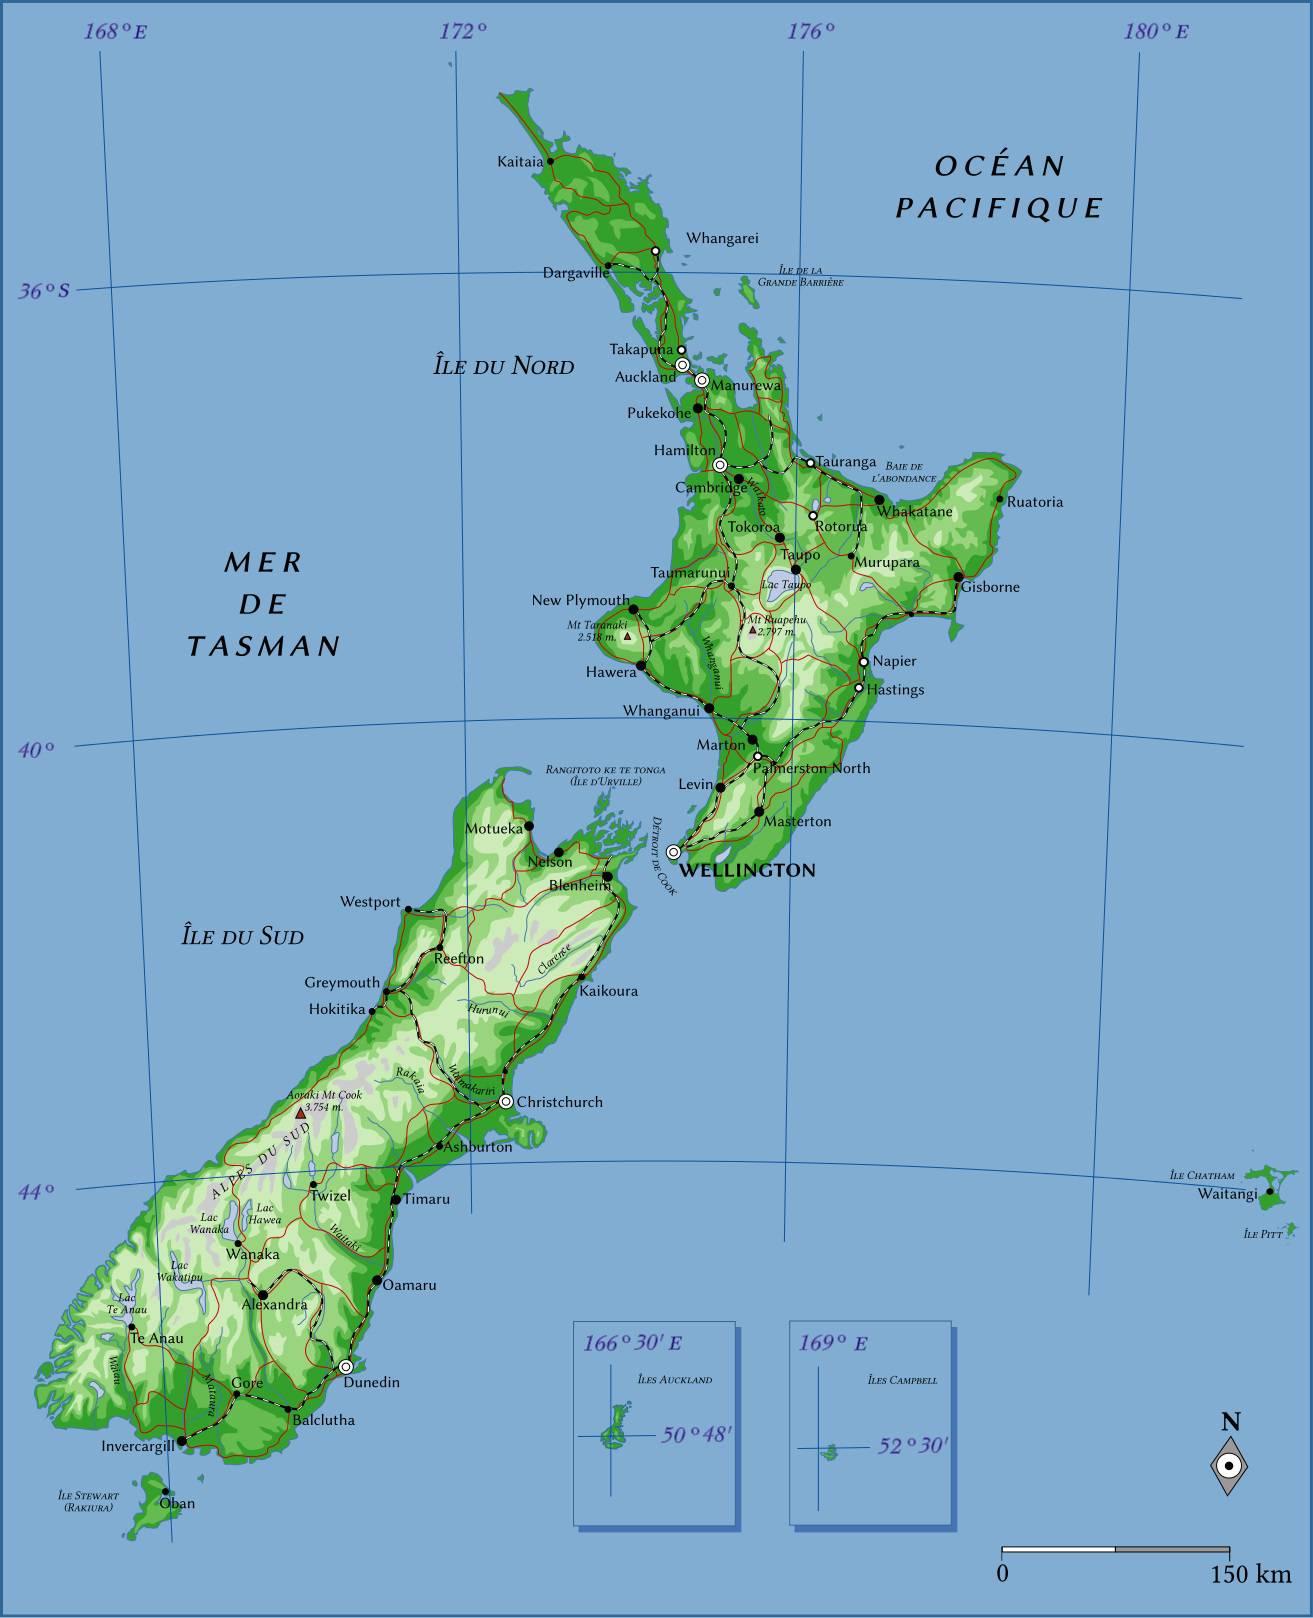 Carte administrative de la Nouvelle-Zélande